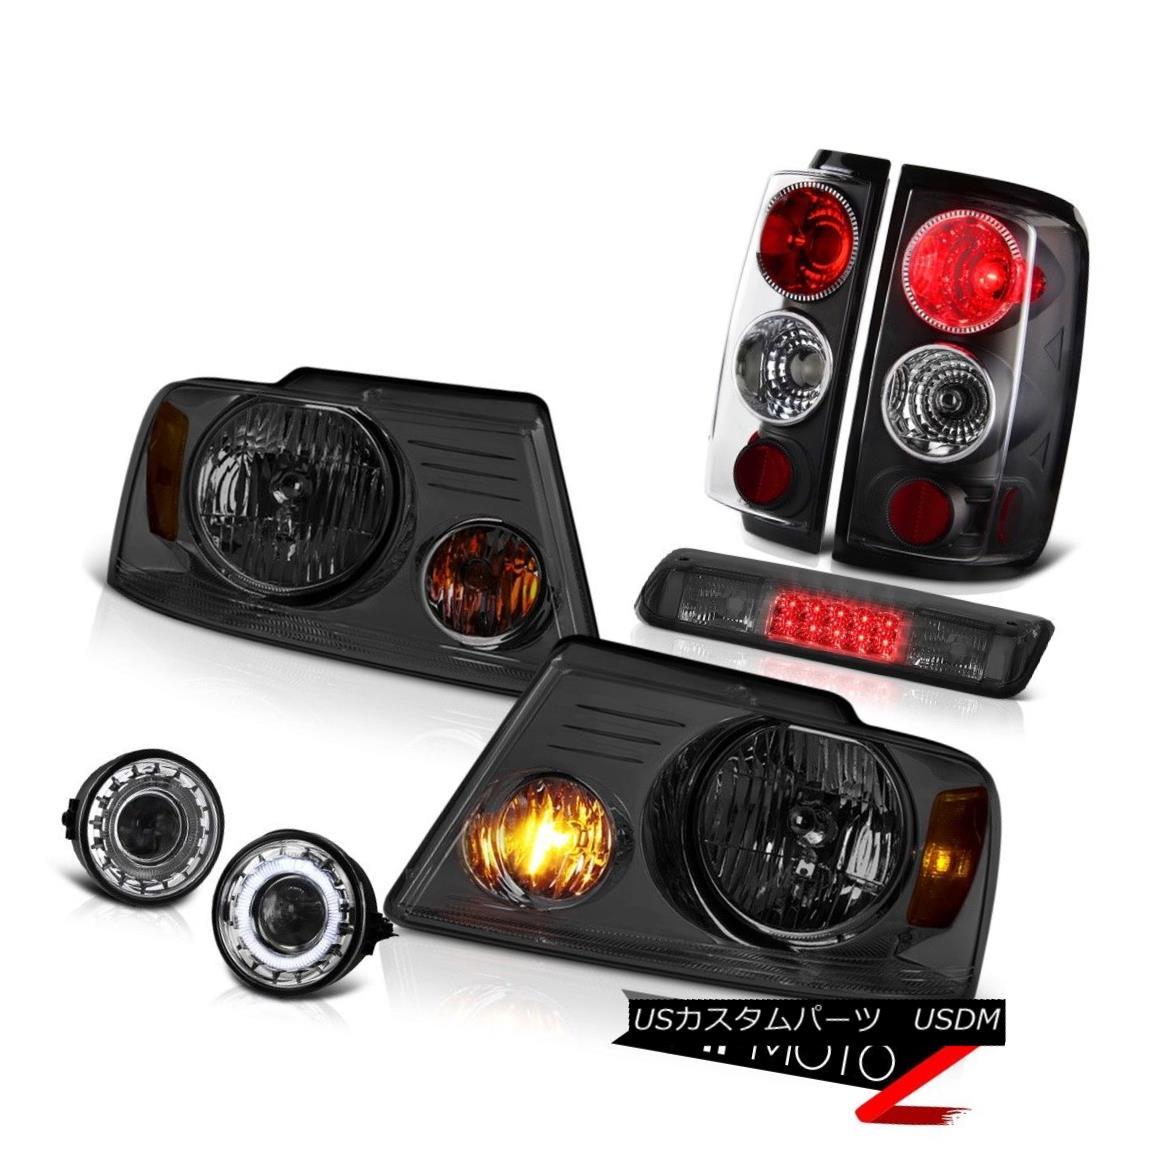 ヘッドライト 2006-2008 Ford F150 FX4 Fog Lamps Roof Brake Lamp Headlamps Inky Black Tail LED 2006-2008フォードF150 FX4フォグランプルーフブレーキランプヘッドランプインキブラックテールLED